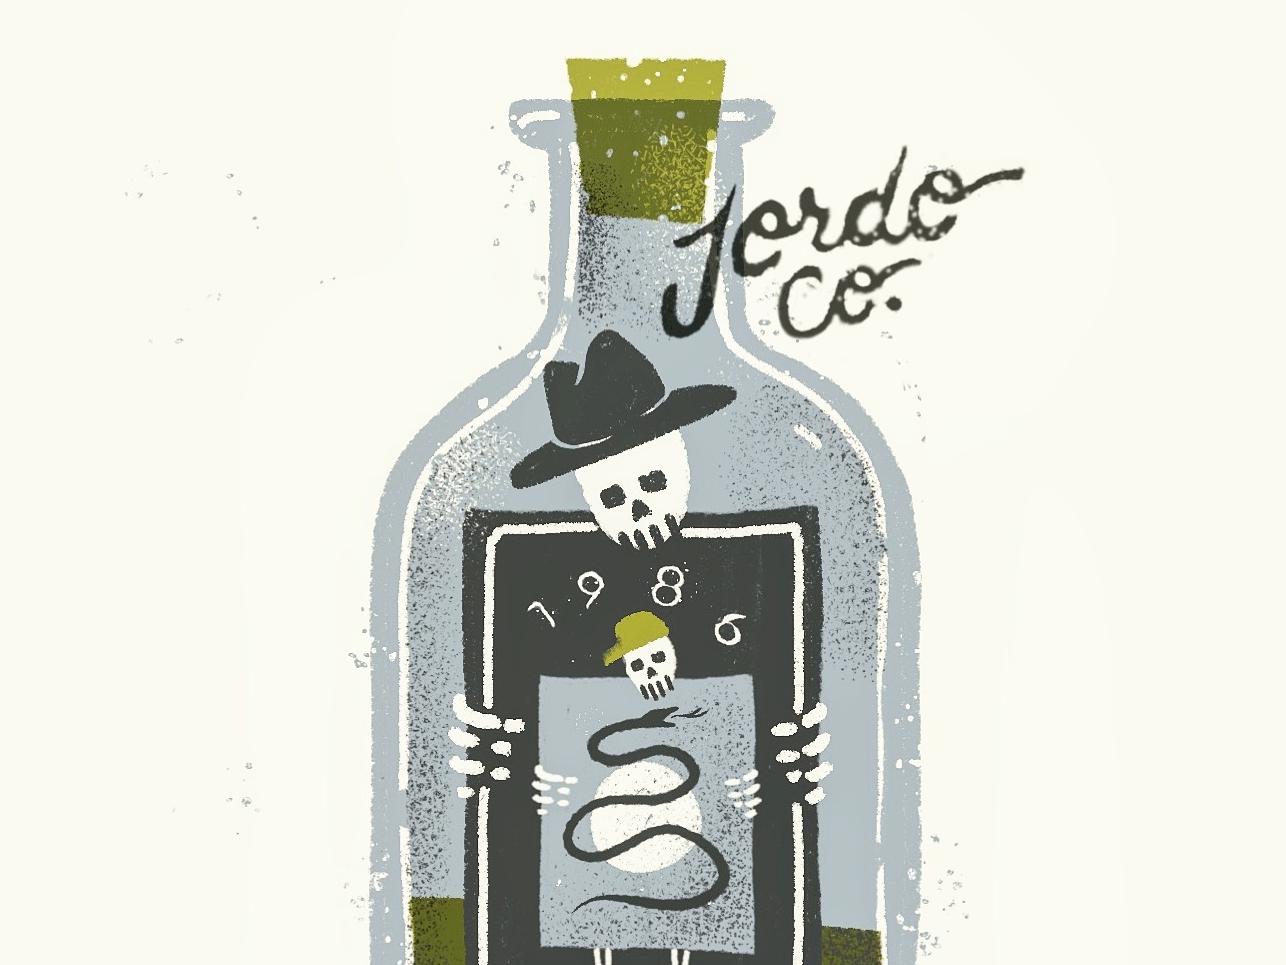 Sept. '86 ipad snake skeleton texture grit illustration 1986 label bottle doodle procreate